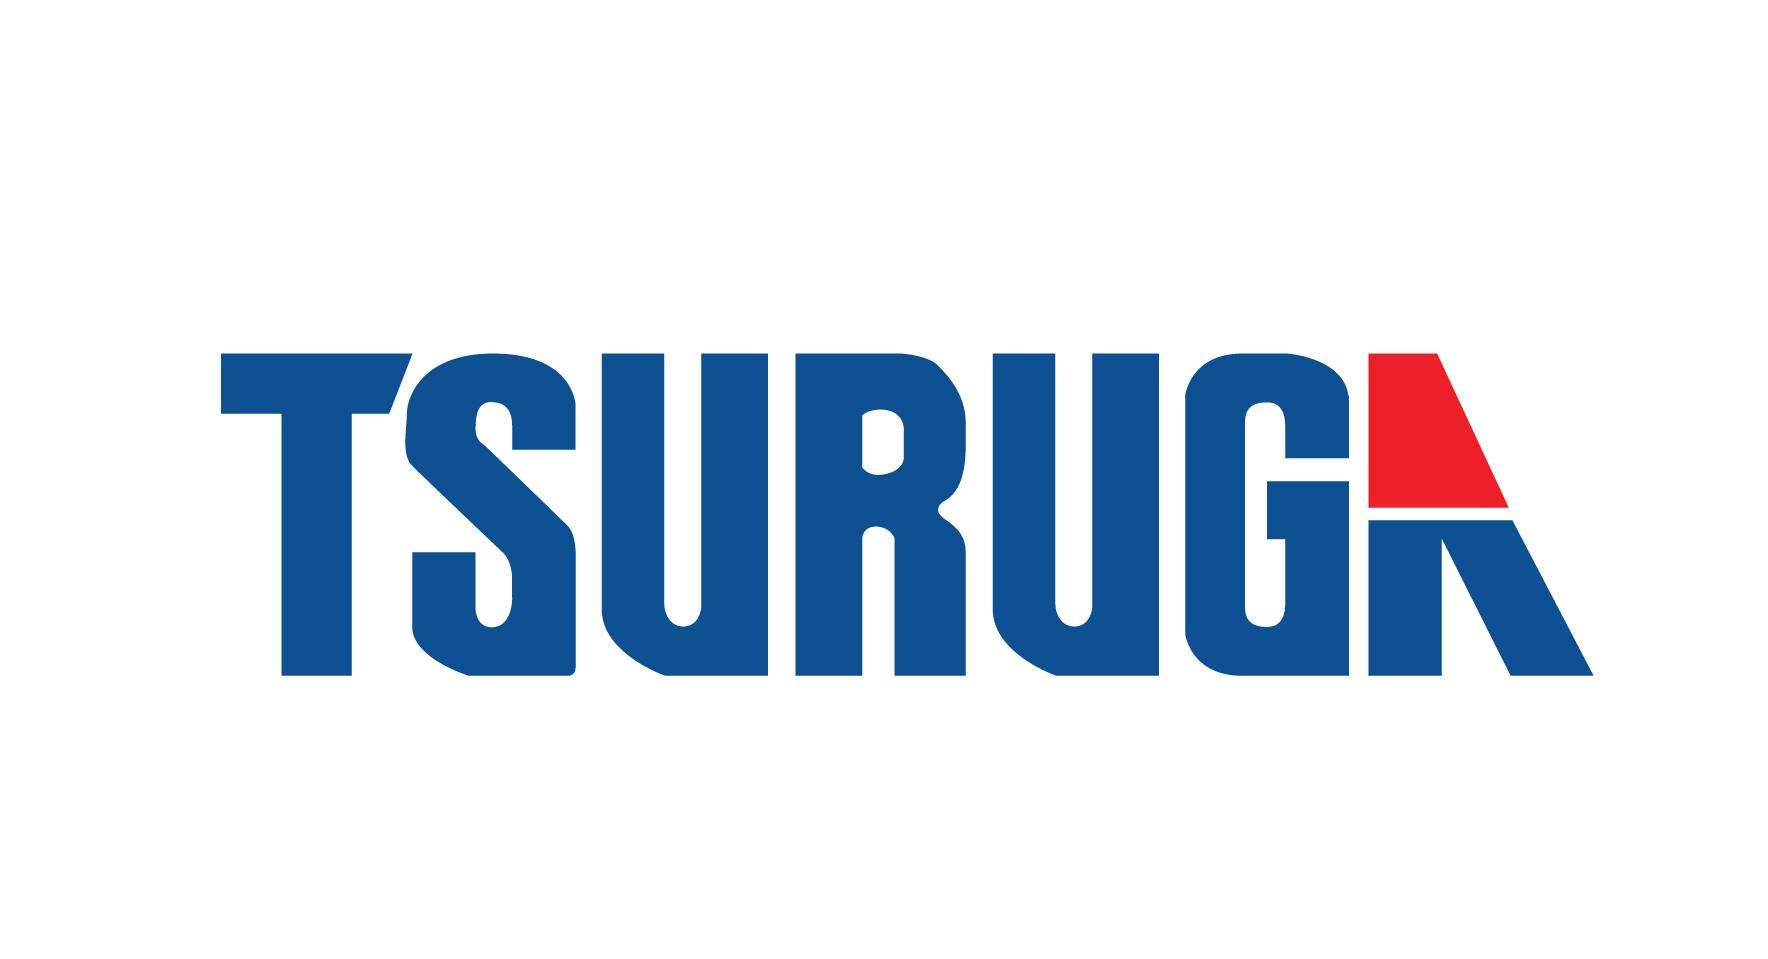 เครื่องมือวัดและควบคุมในงานอุตสาหกรรมจาก TSURUGA